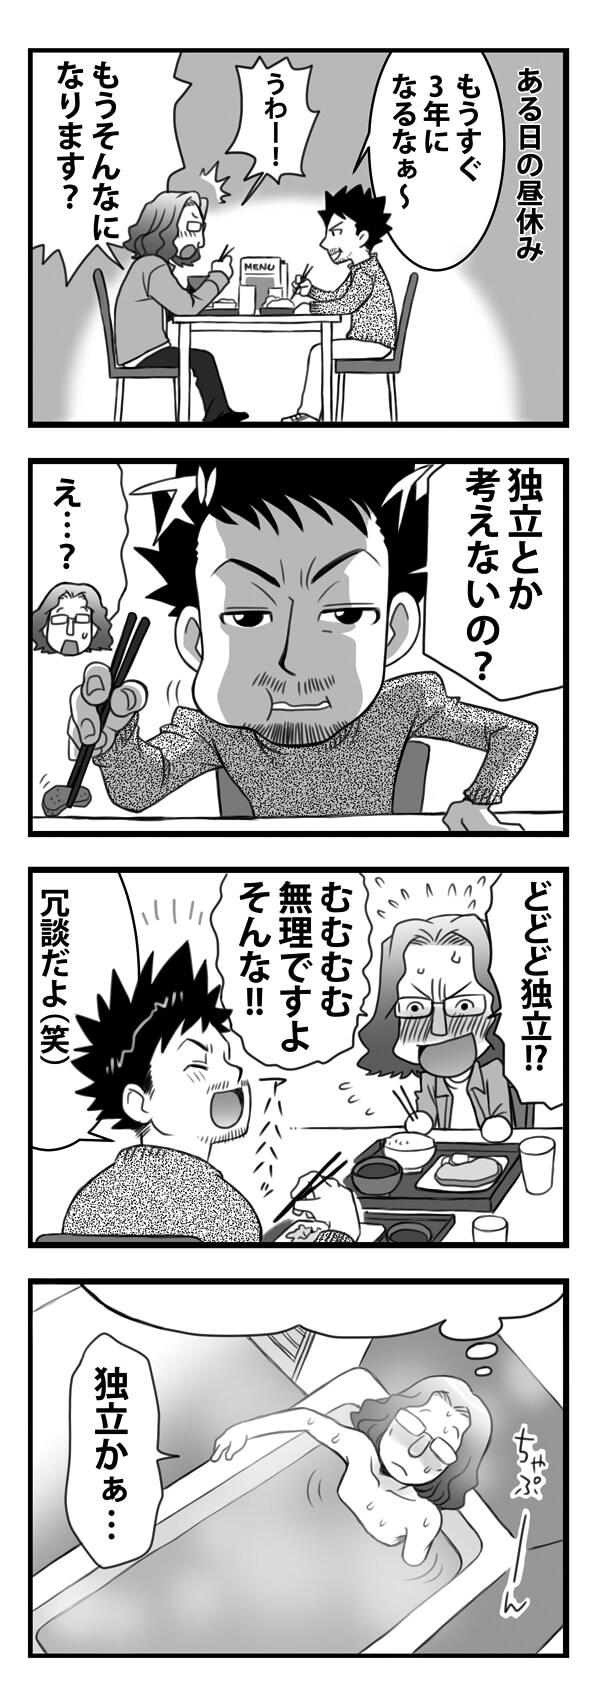 デザイナー漫画18話 本編